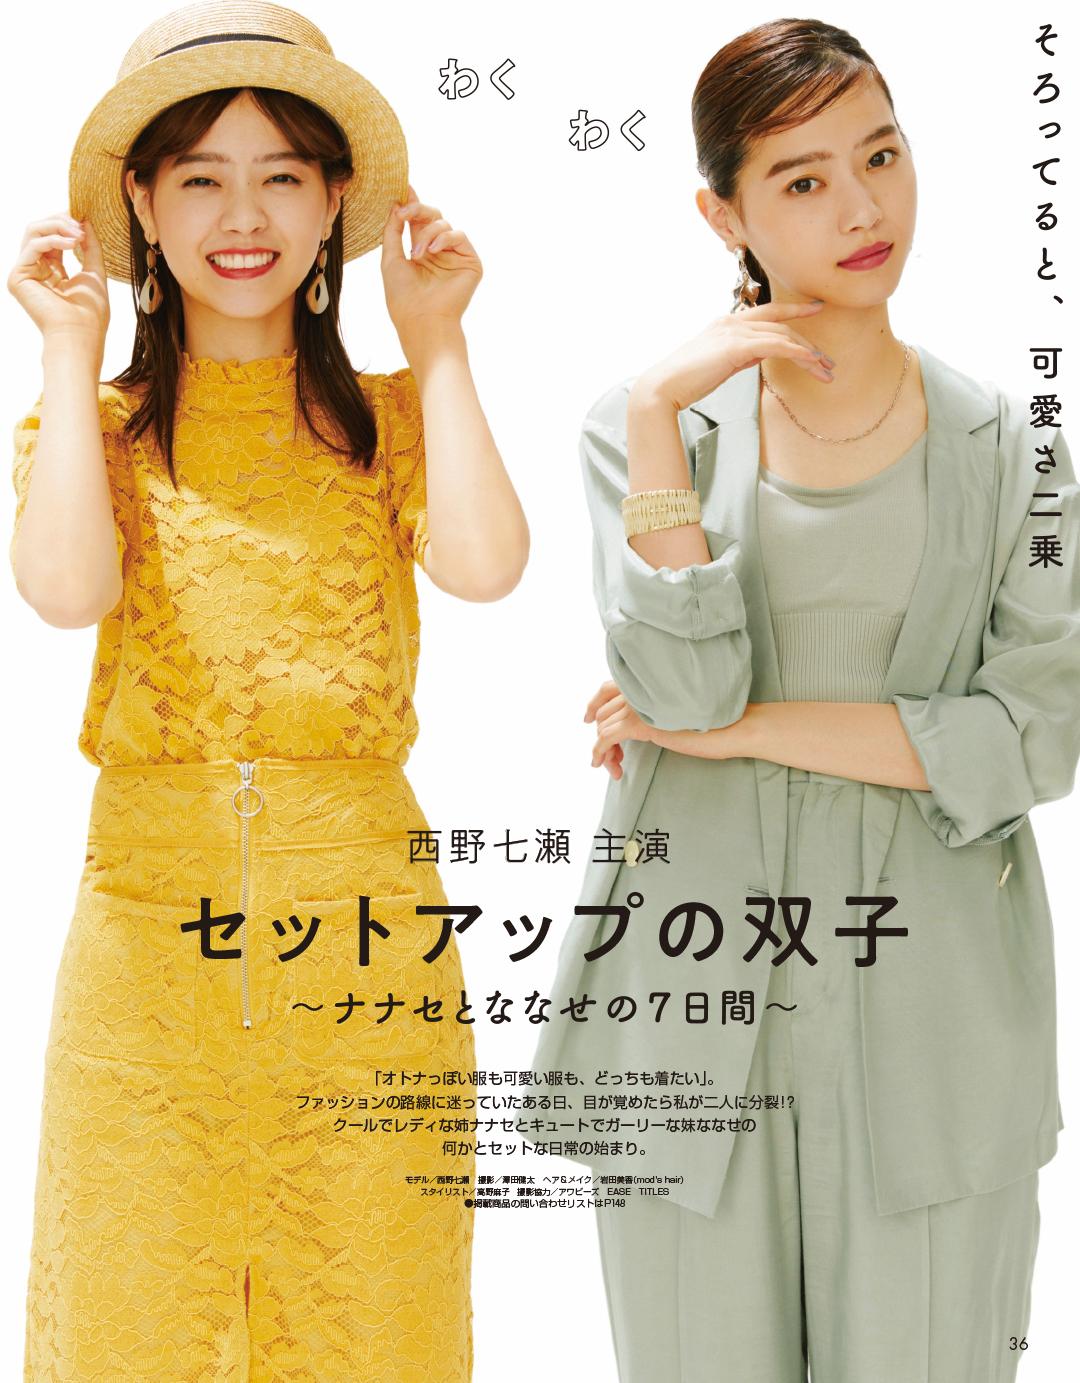 西野七瀬主演「セットアップの双子」